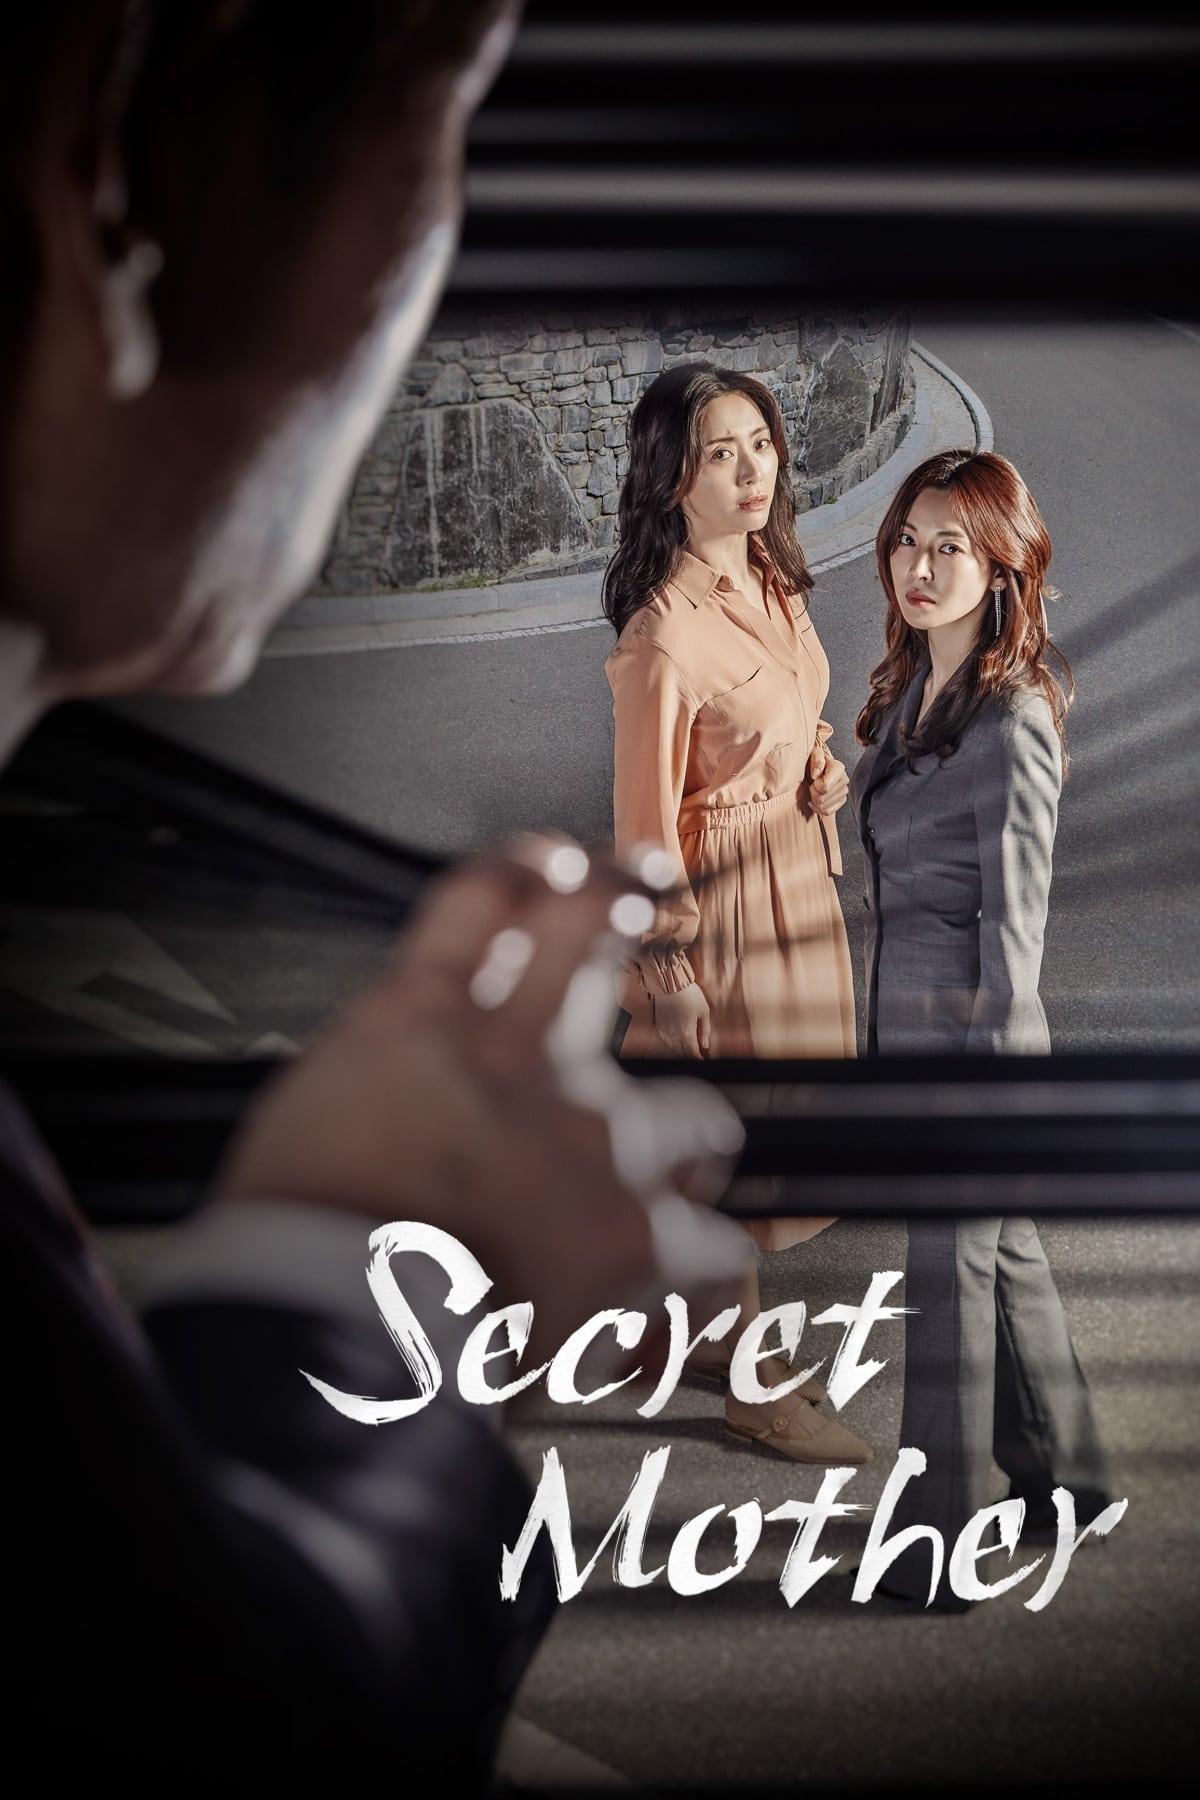 Secret Mother